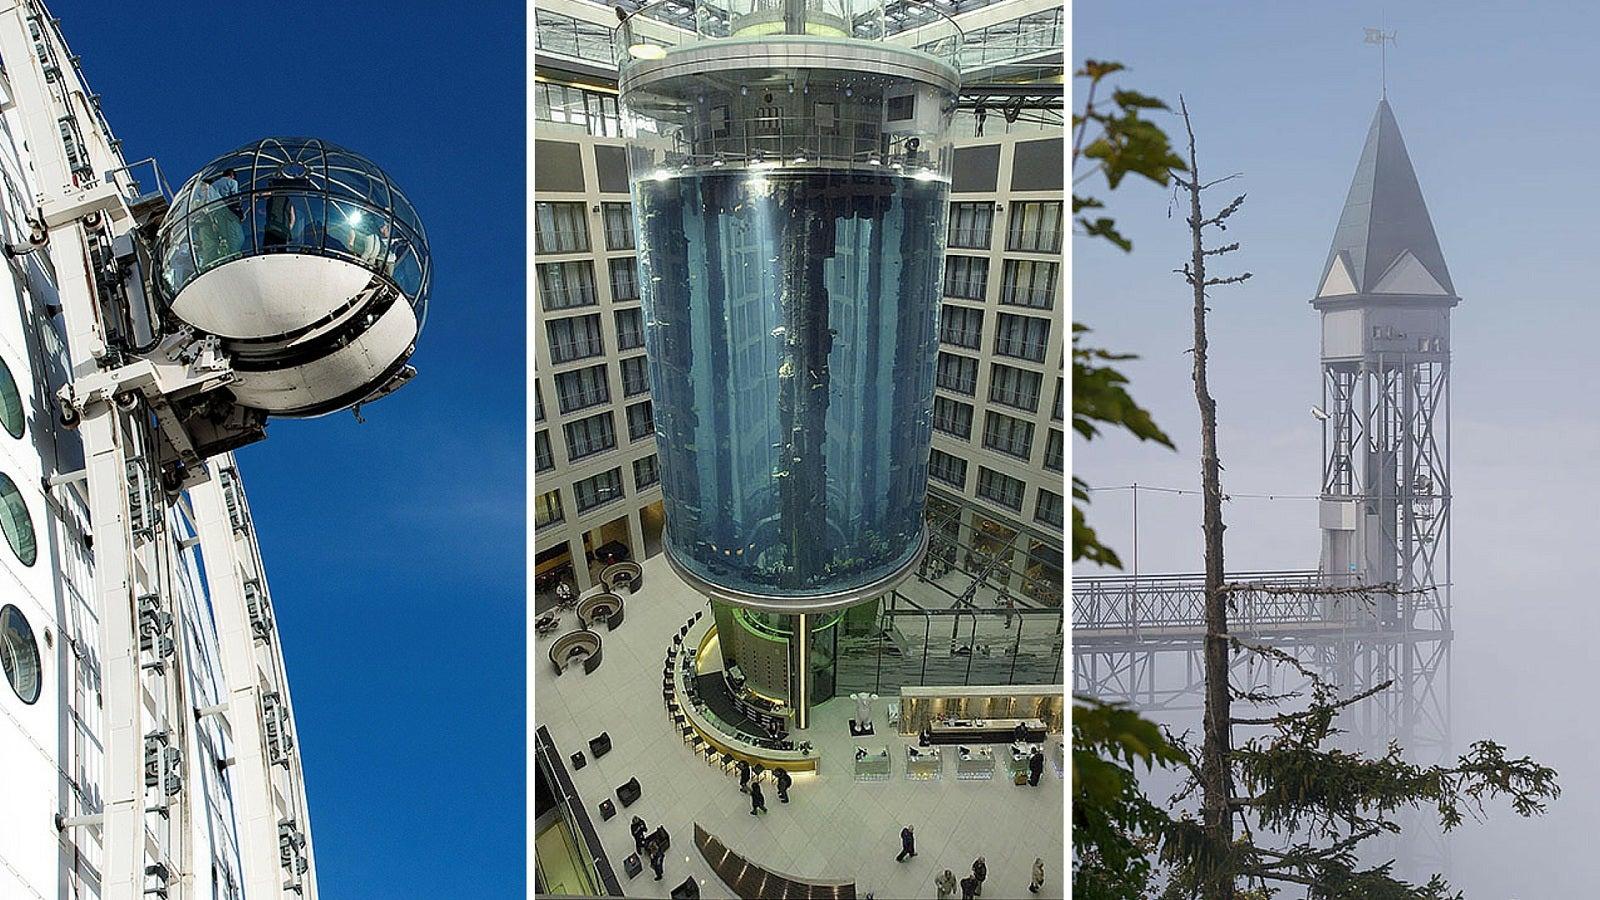 Nichts für Angsthasen: Das sind die verrücktesten Aufzüge der Welt